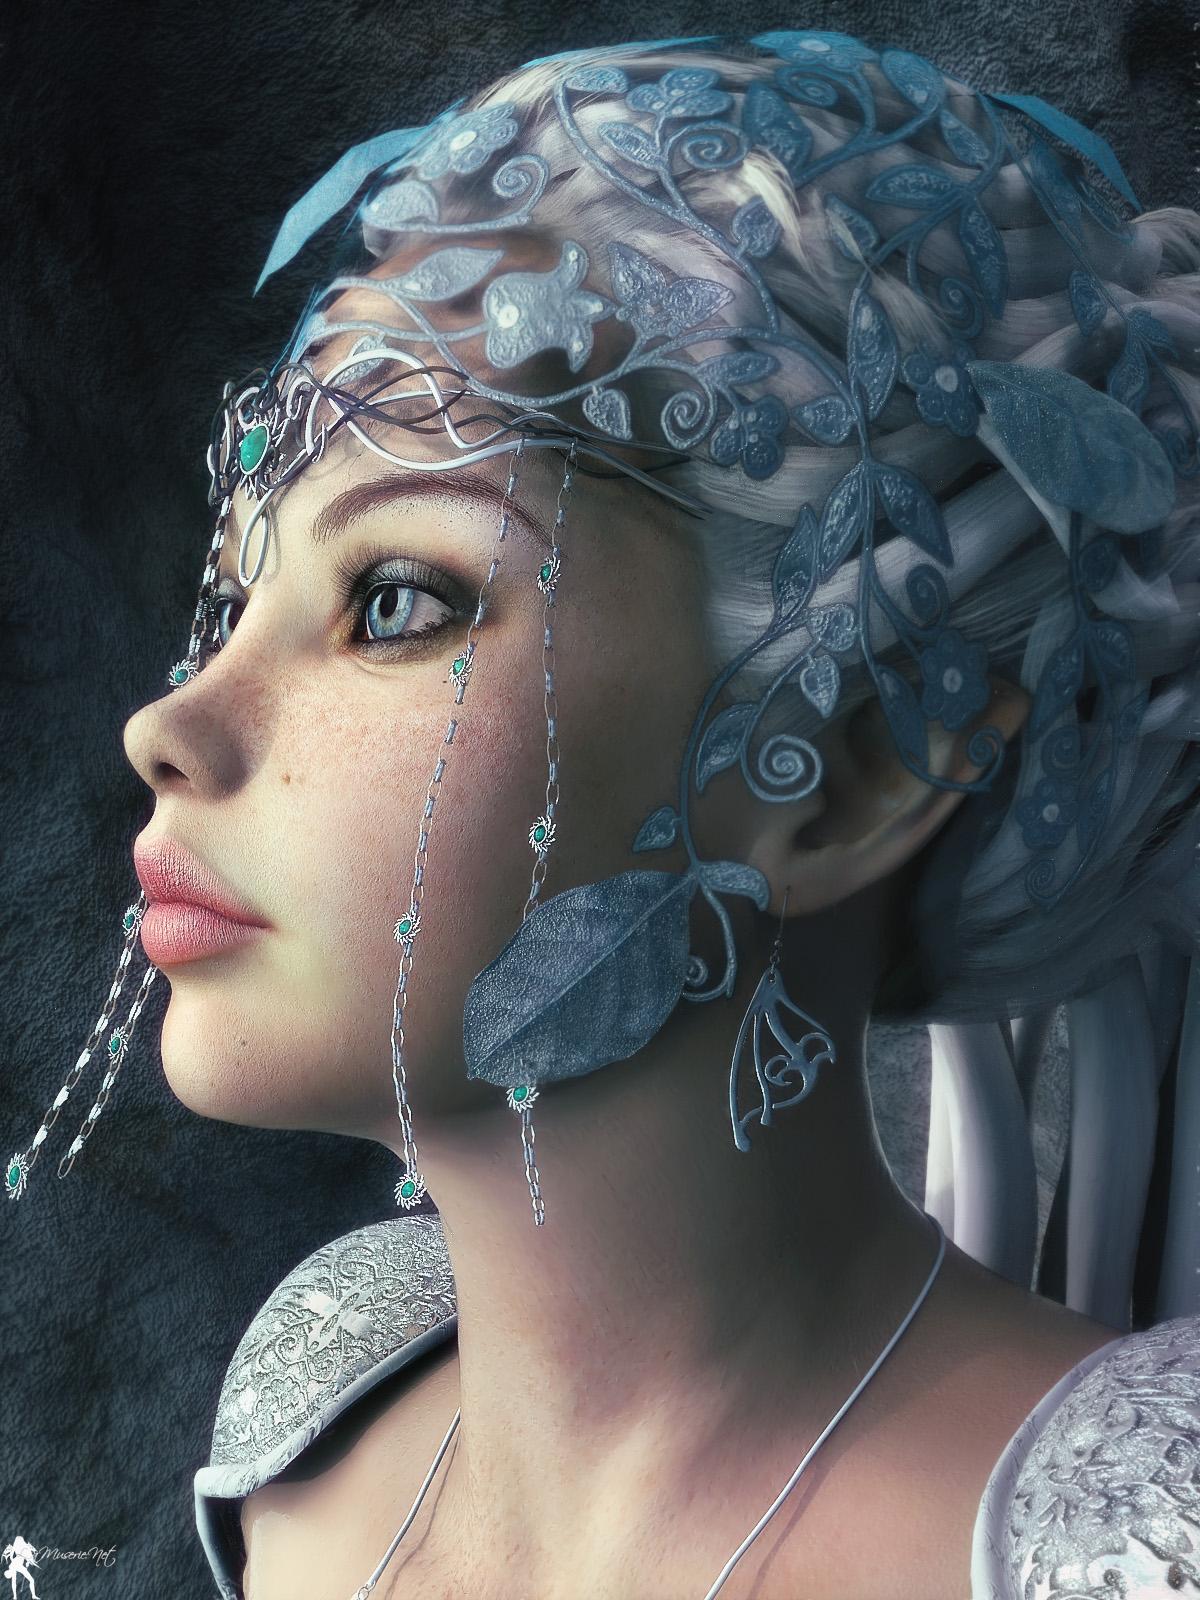 Digital Art by Lamuserie Antoine